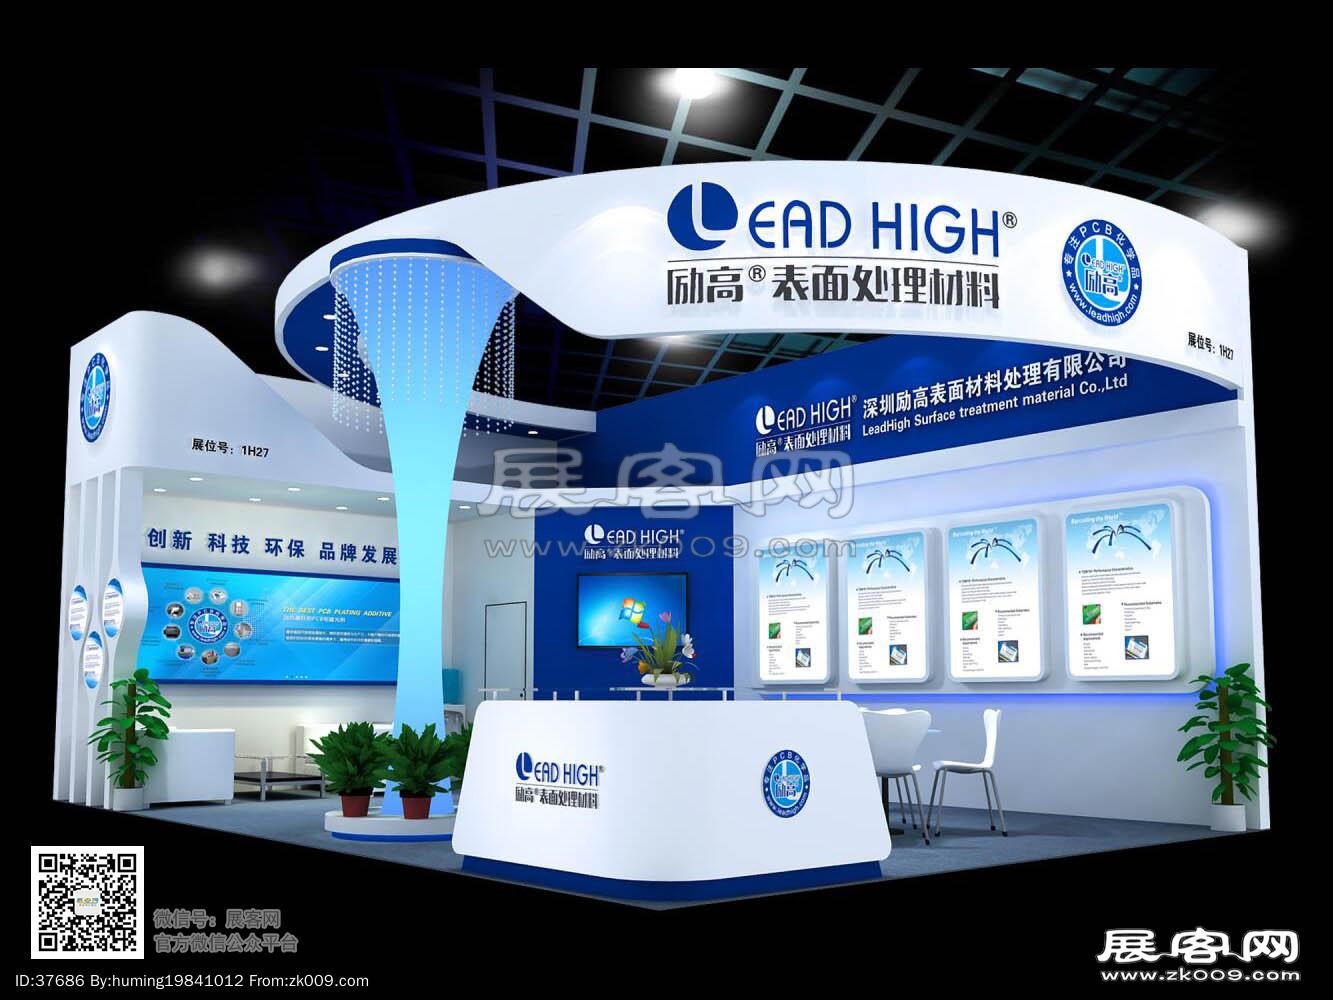 深圳勵高展覽展示模型